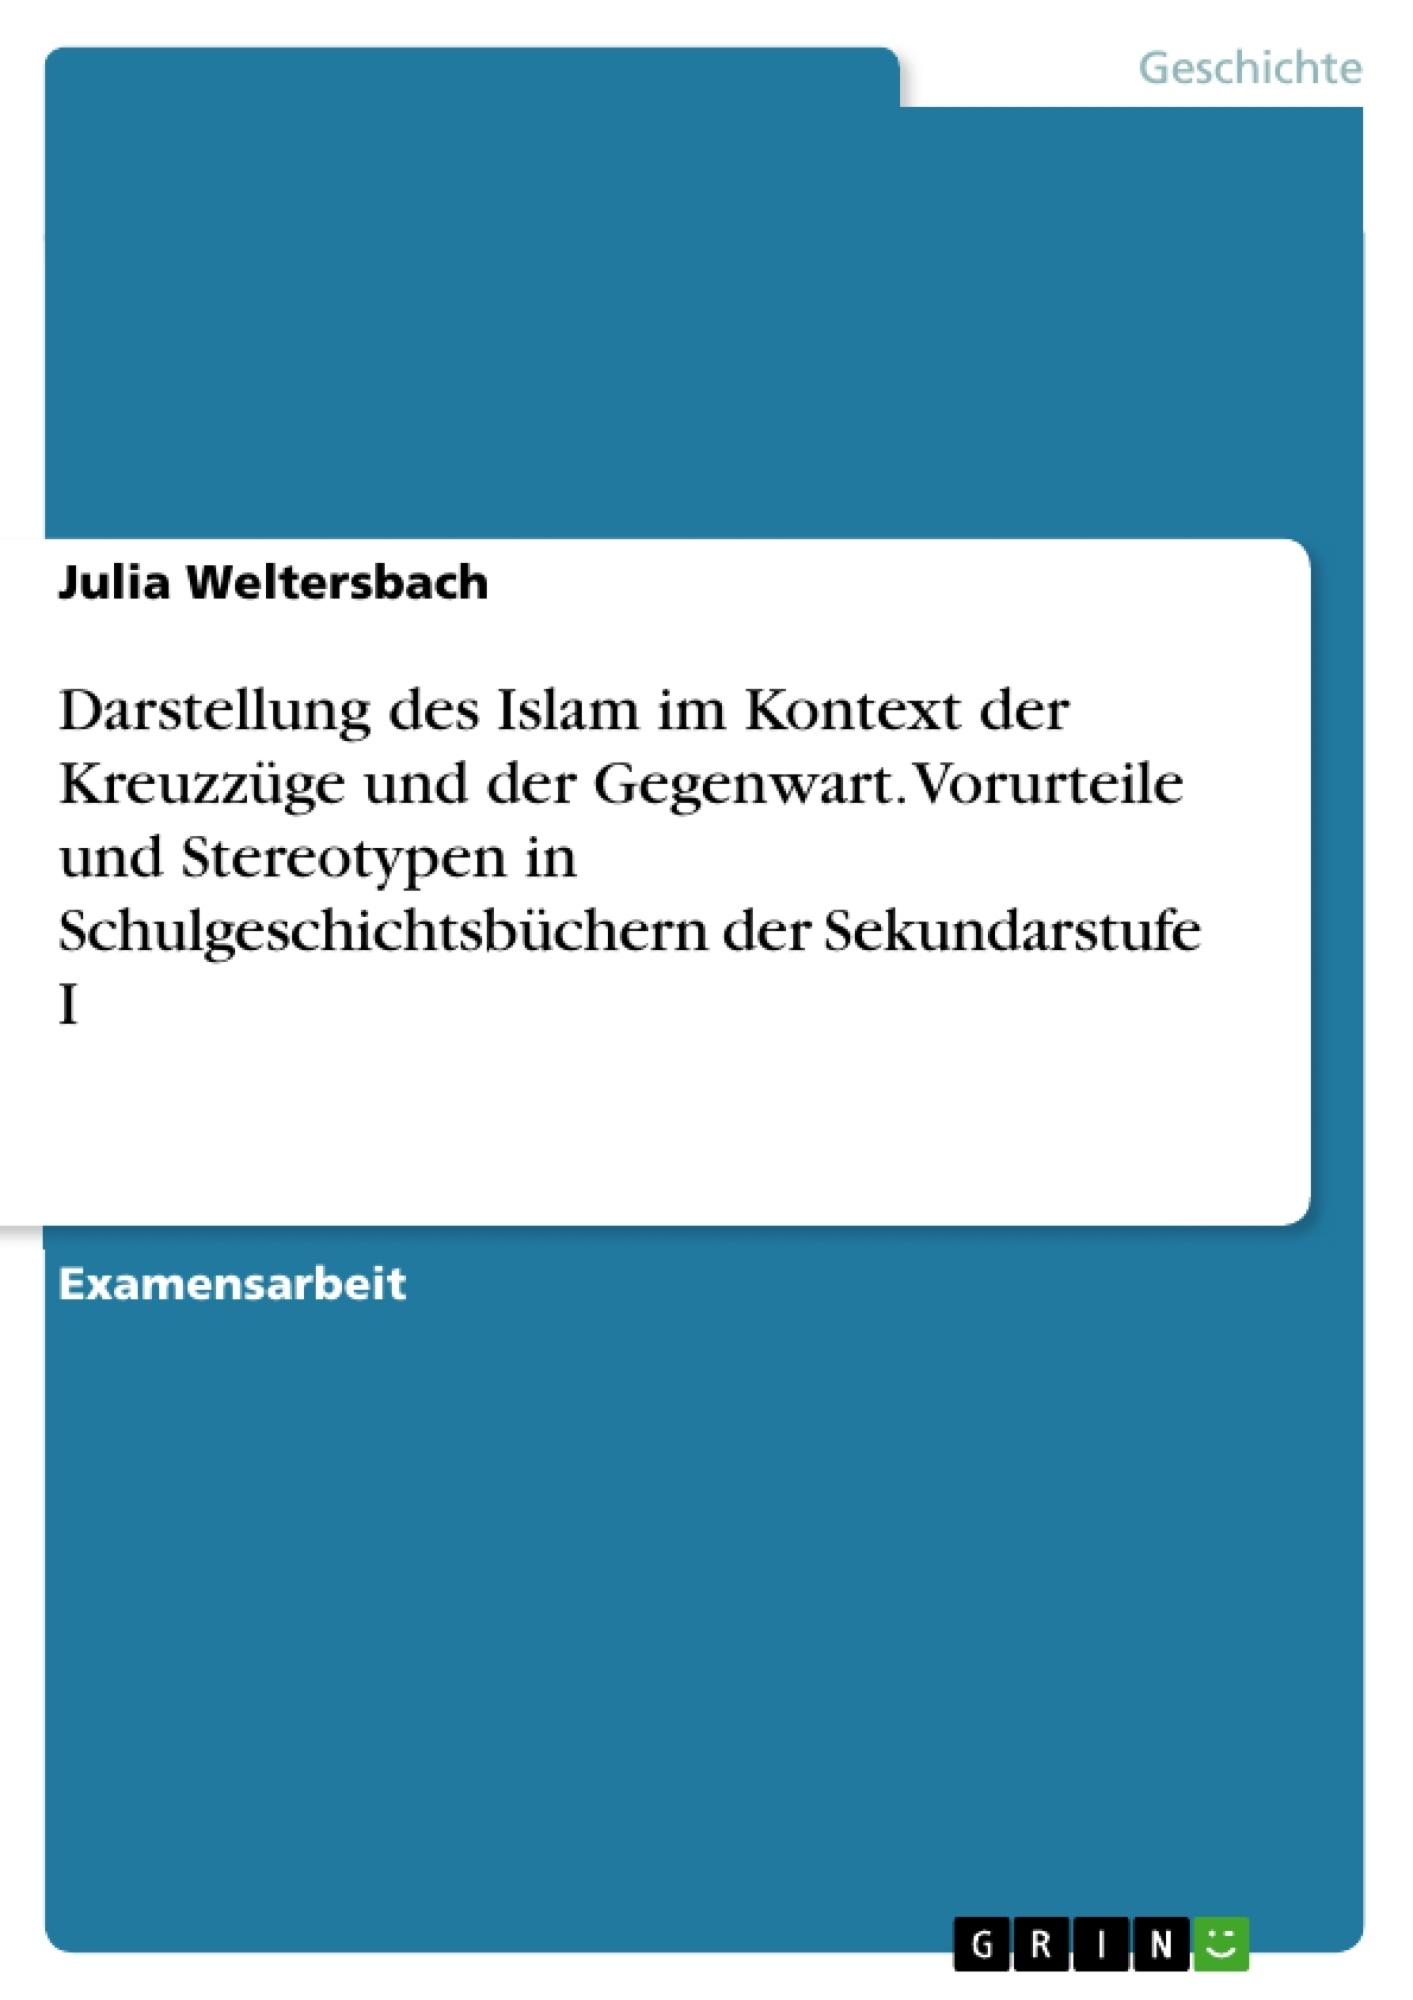 Titel: Darstellung des Islam im Kontext der Kreuzzüge und der Gegenwart. Vorurteile und Stereotypen in Schulgeschichtsbüchern der Sekundarstufe I